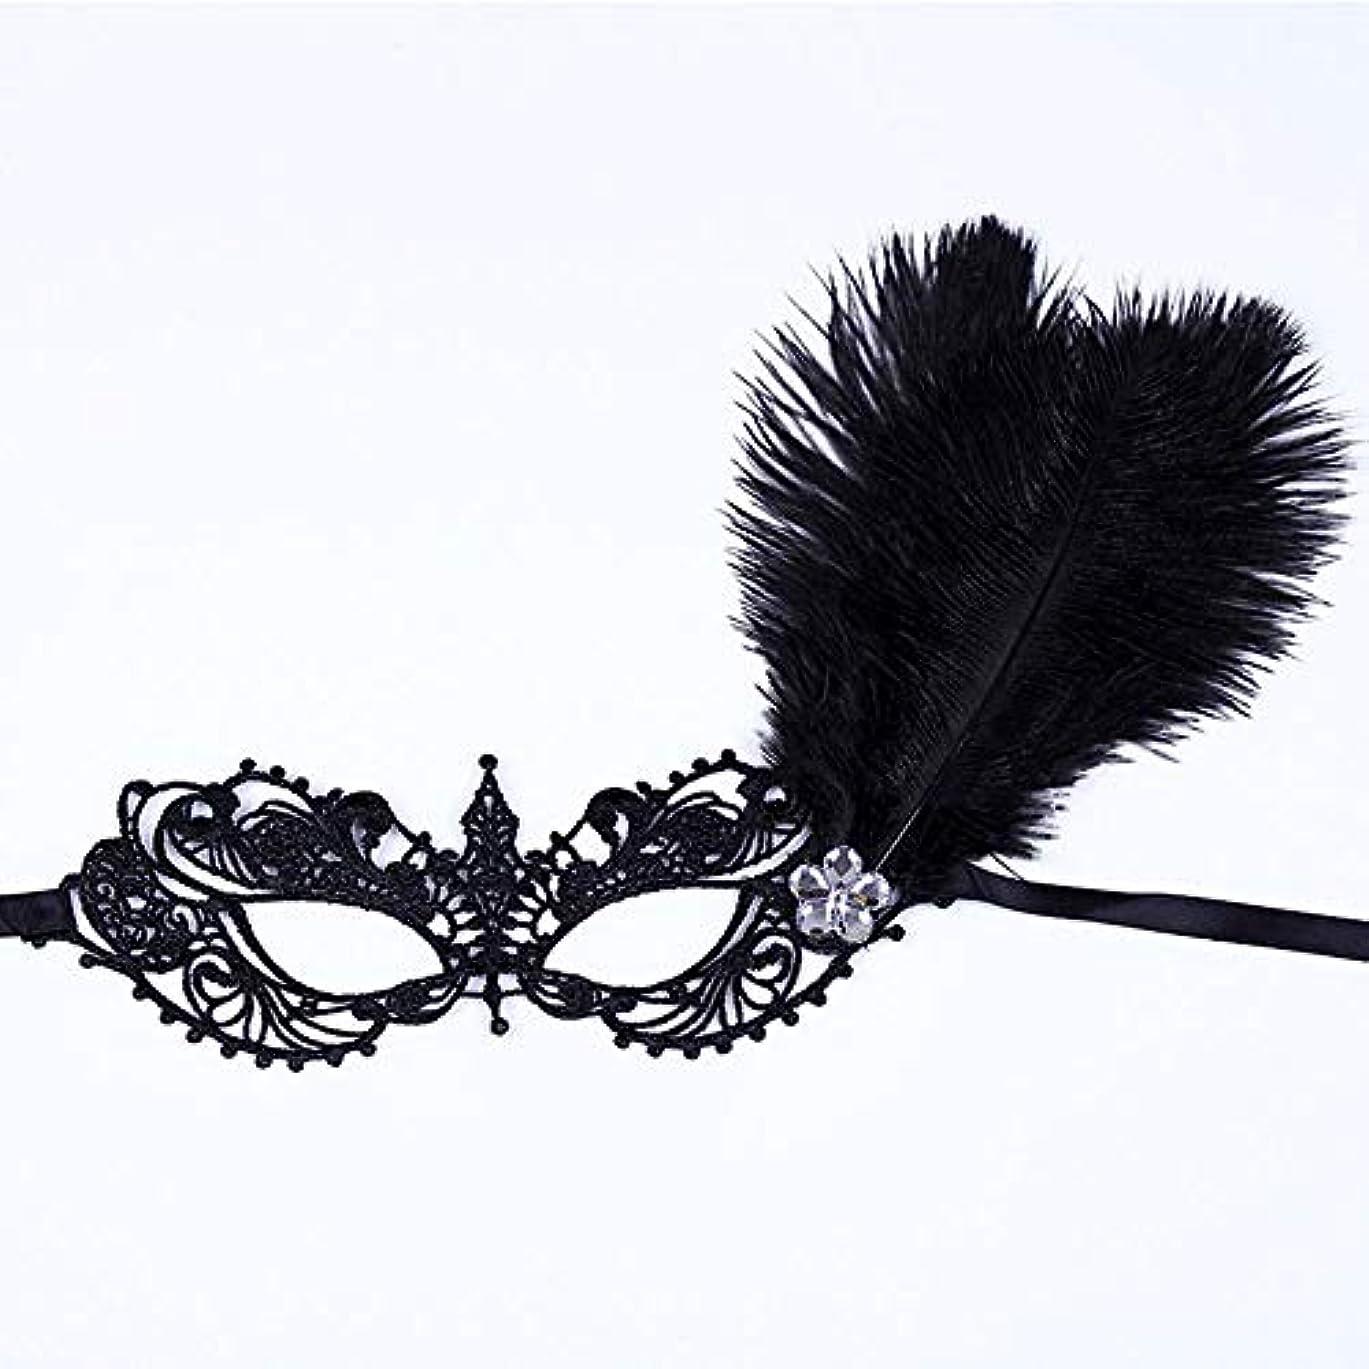 訪問ラッシュ挑発する仮面舞踏会の羽レースマスクキャットウォークパーティーセクシーなハロウィーンマスクブラック